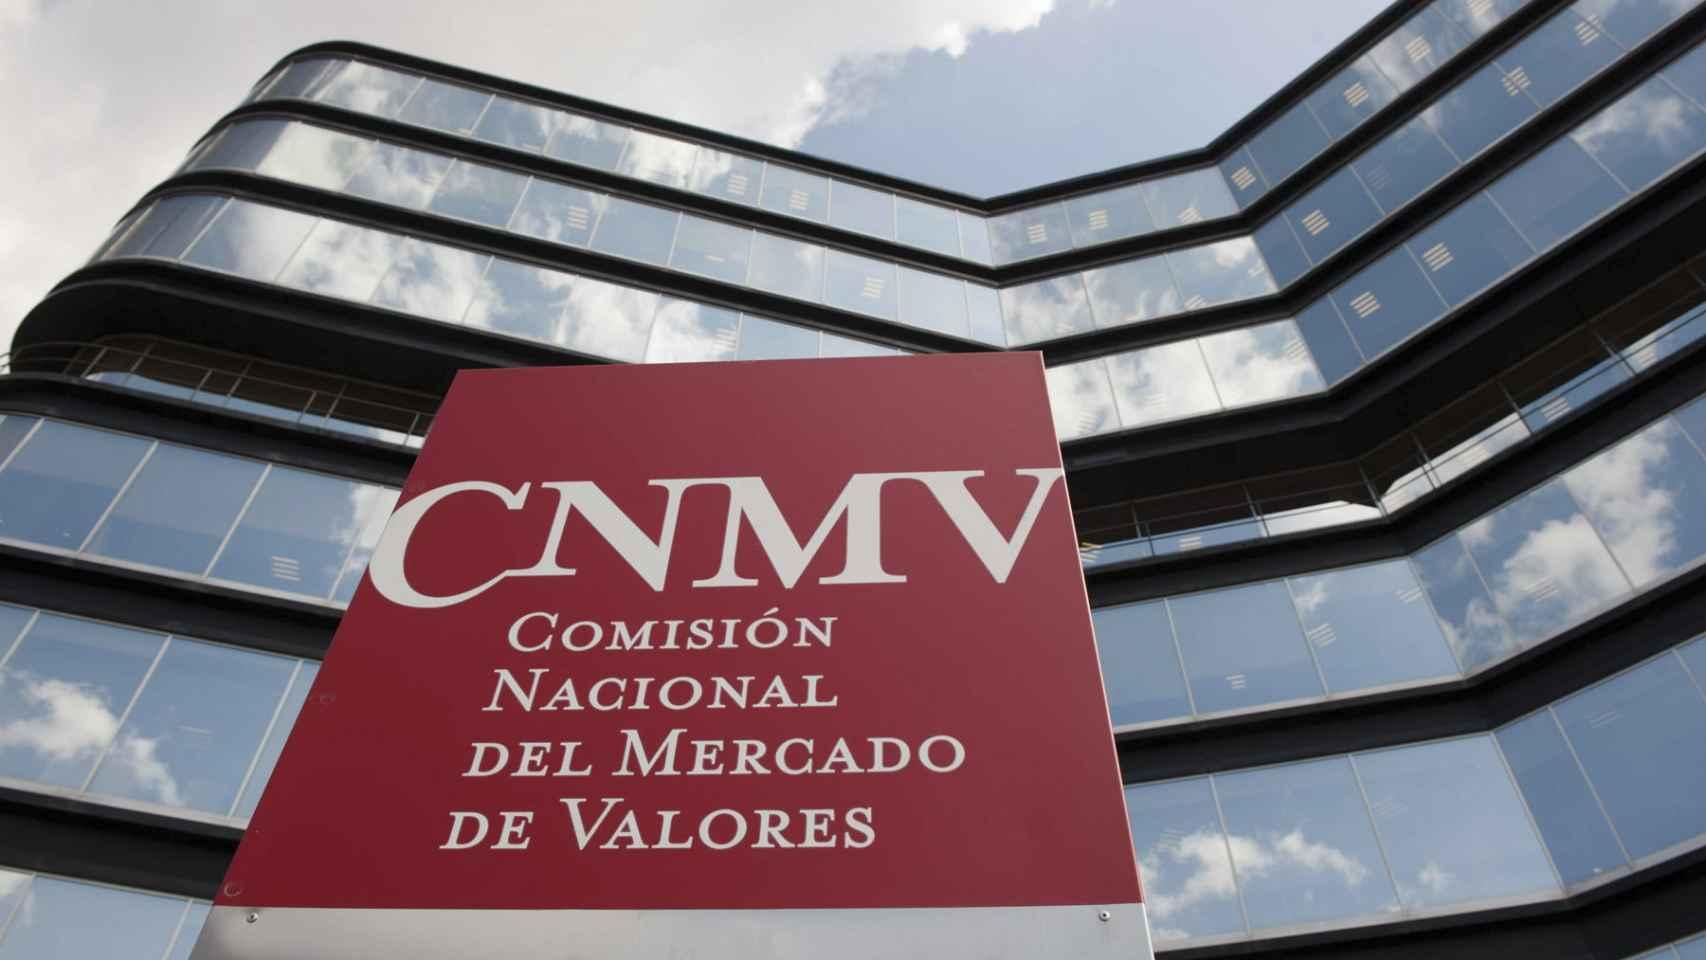 Fachada del edificio de la CNMV.